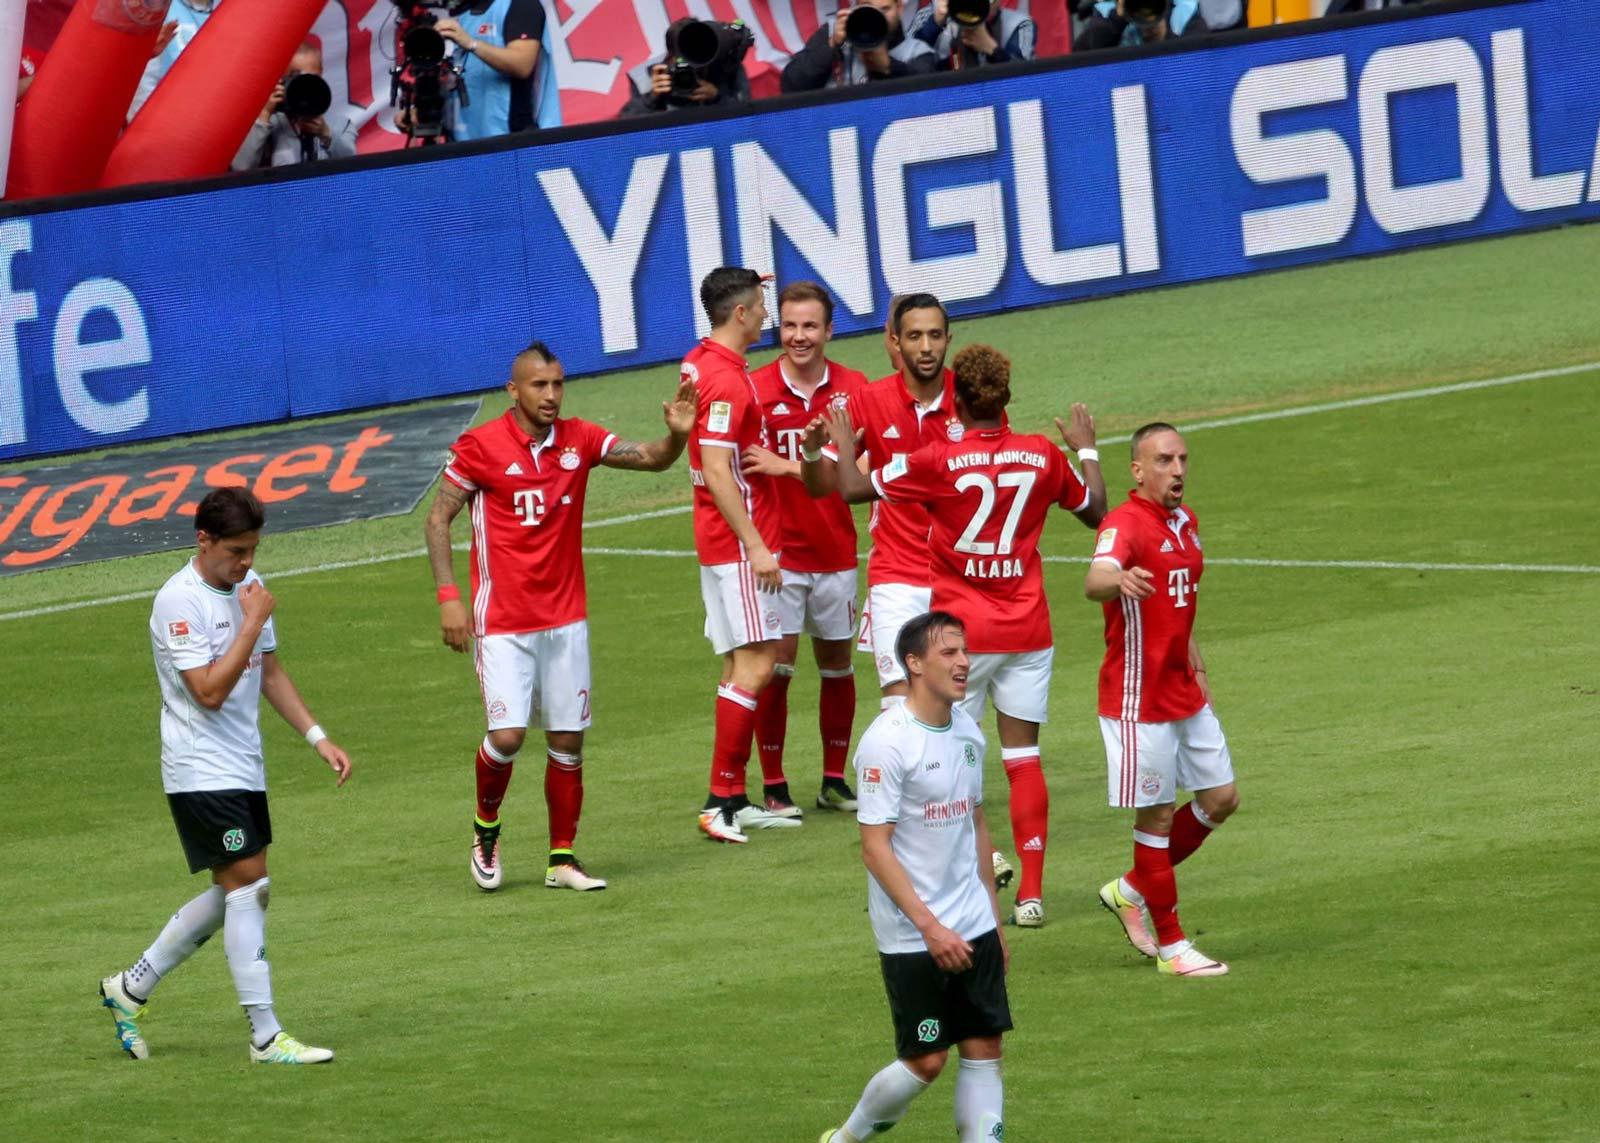 on-pitch-bayern-munich-16-17-home-kit (2)